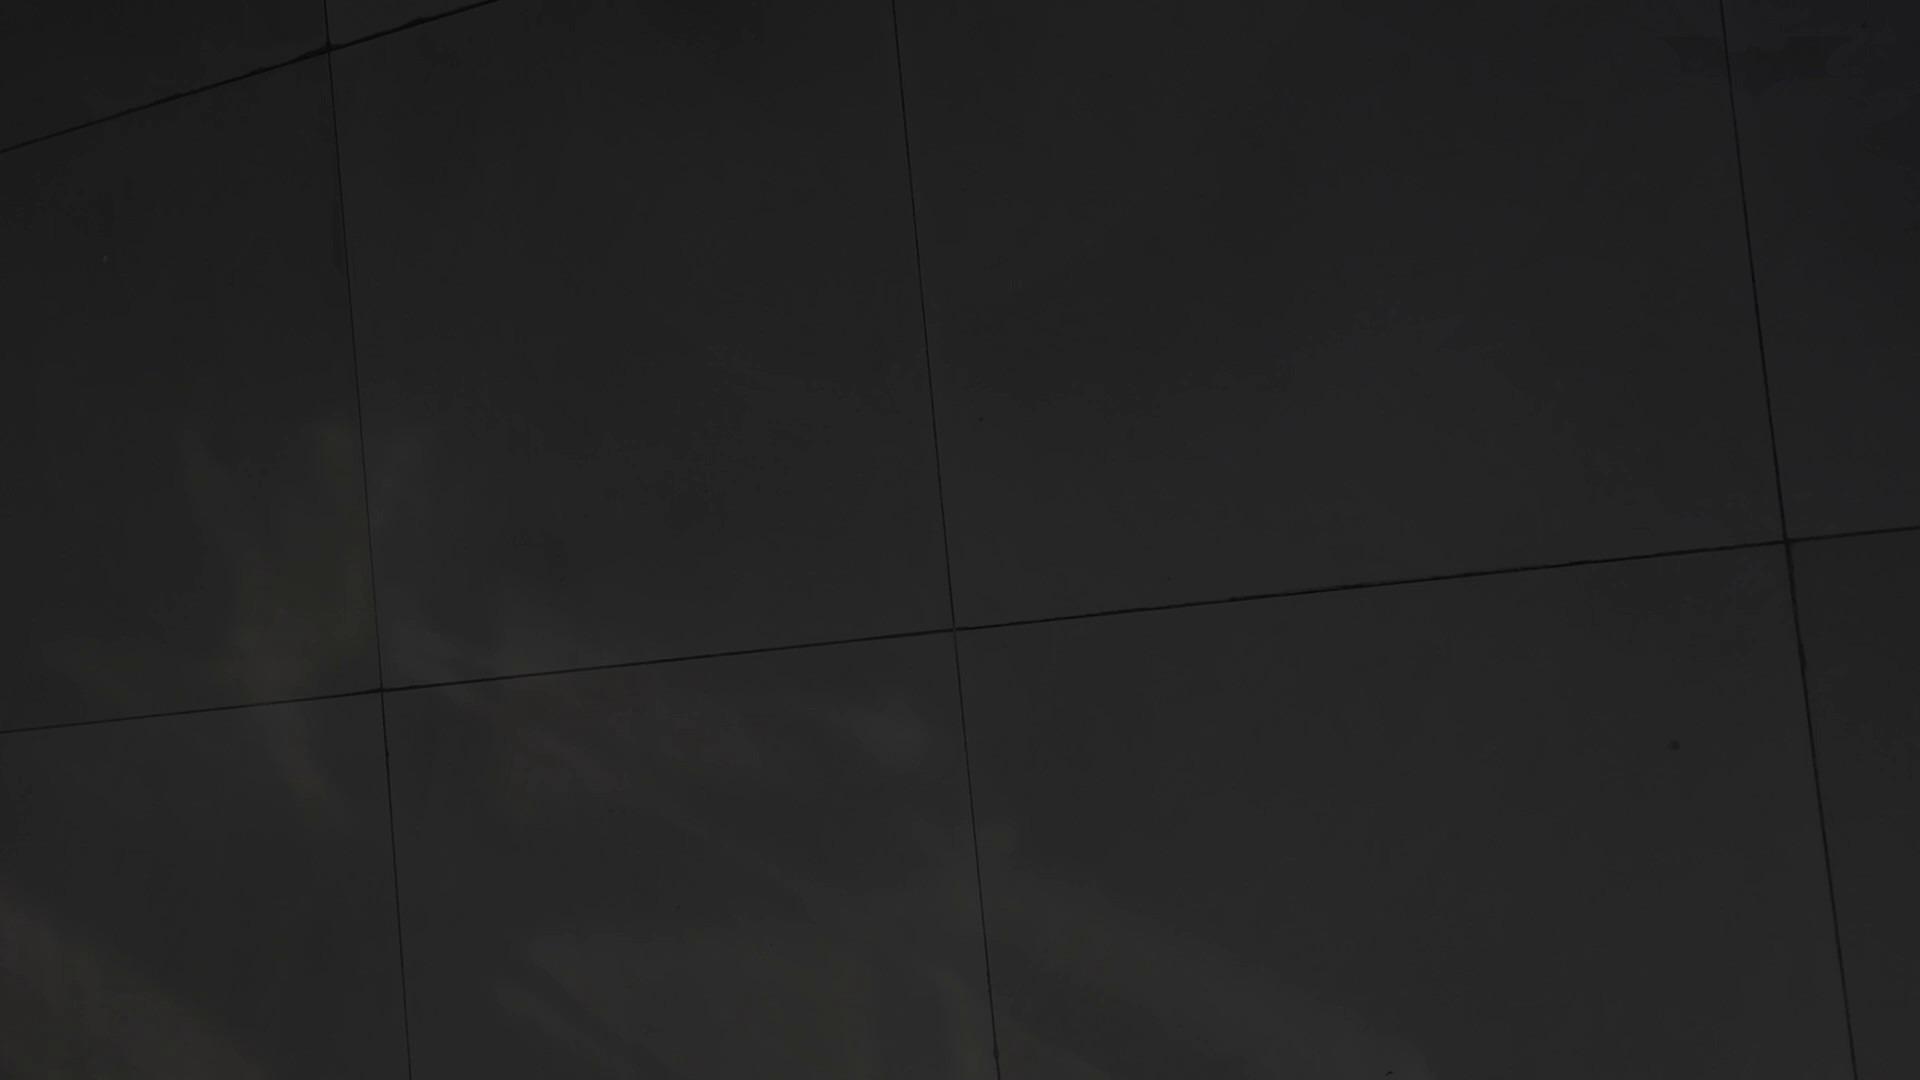 エッチ 熟女|芸術大学ガチ潜入盗撮 JD盗撮 美女の洗面所の秘密 Vol.84|怪盗ジョーカー